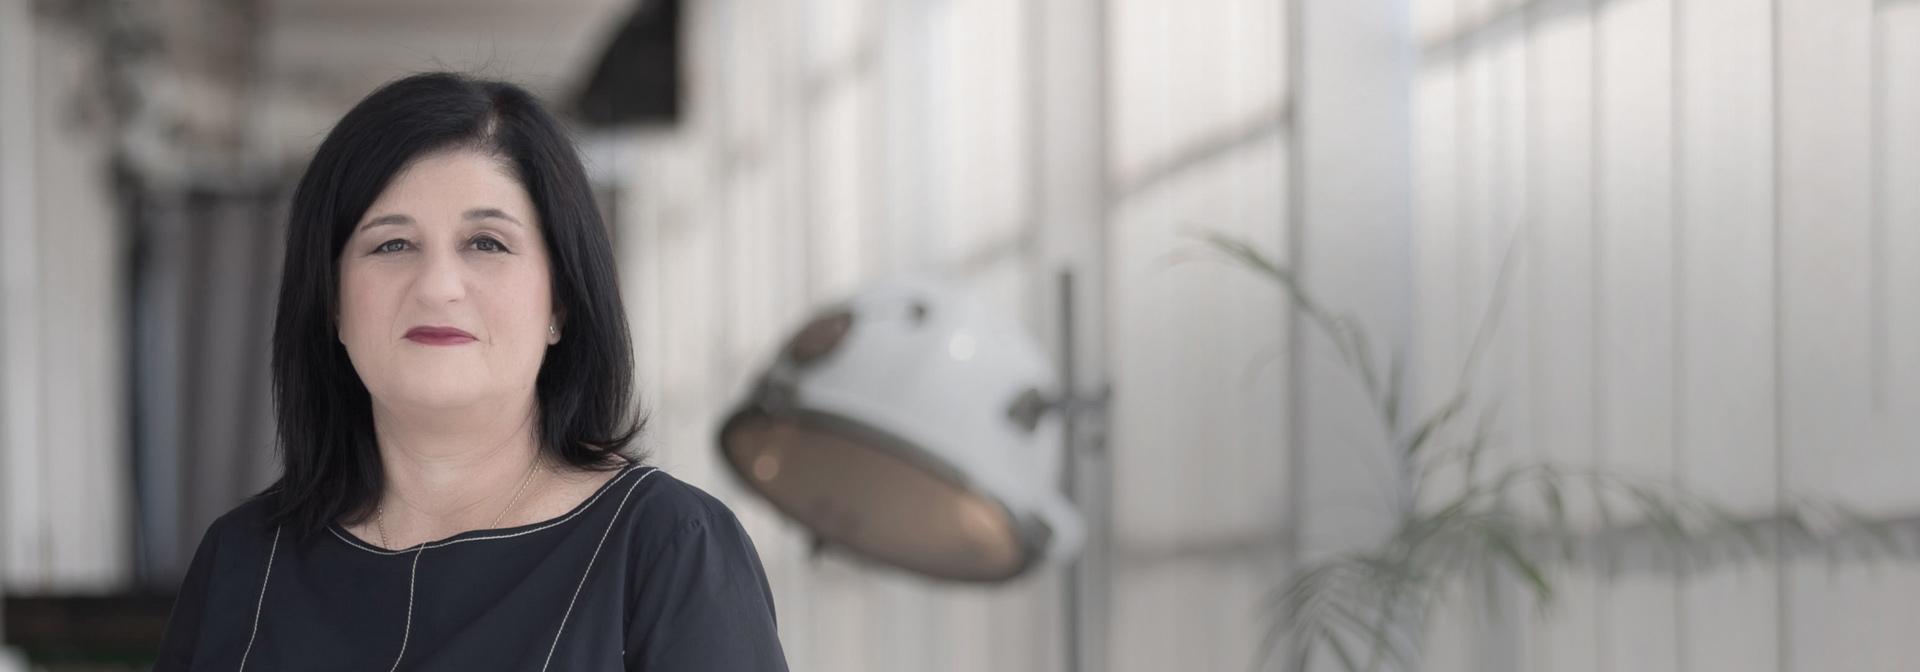 חמישים הנשים המשפיעות לשנת 2017 - סמדר ברבר צדיק / צילום: רמי זרנגר